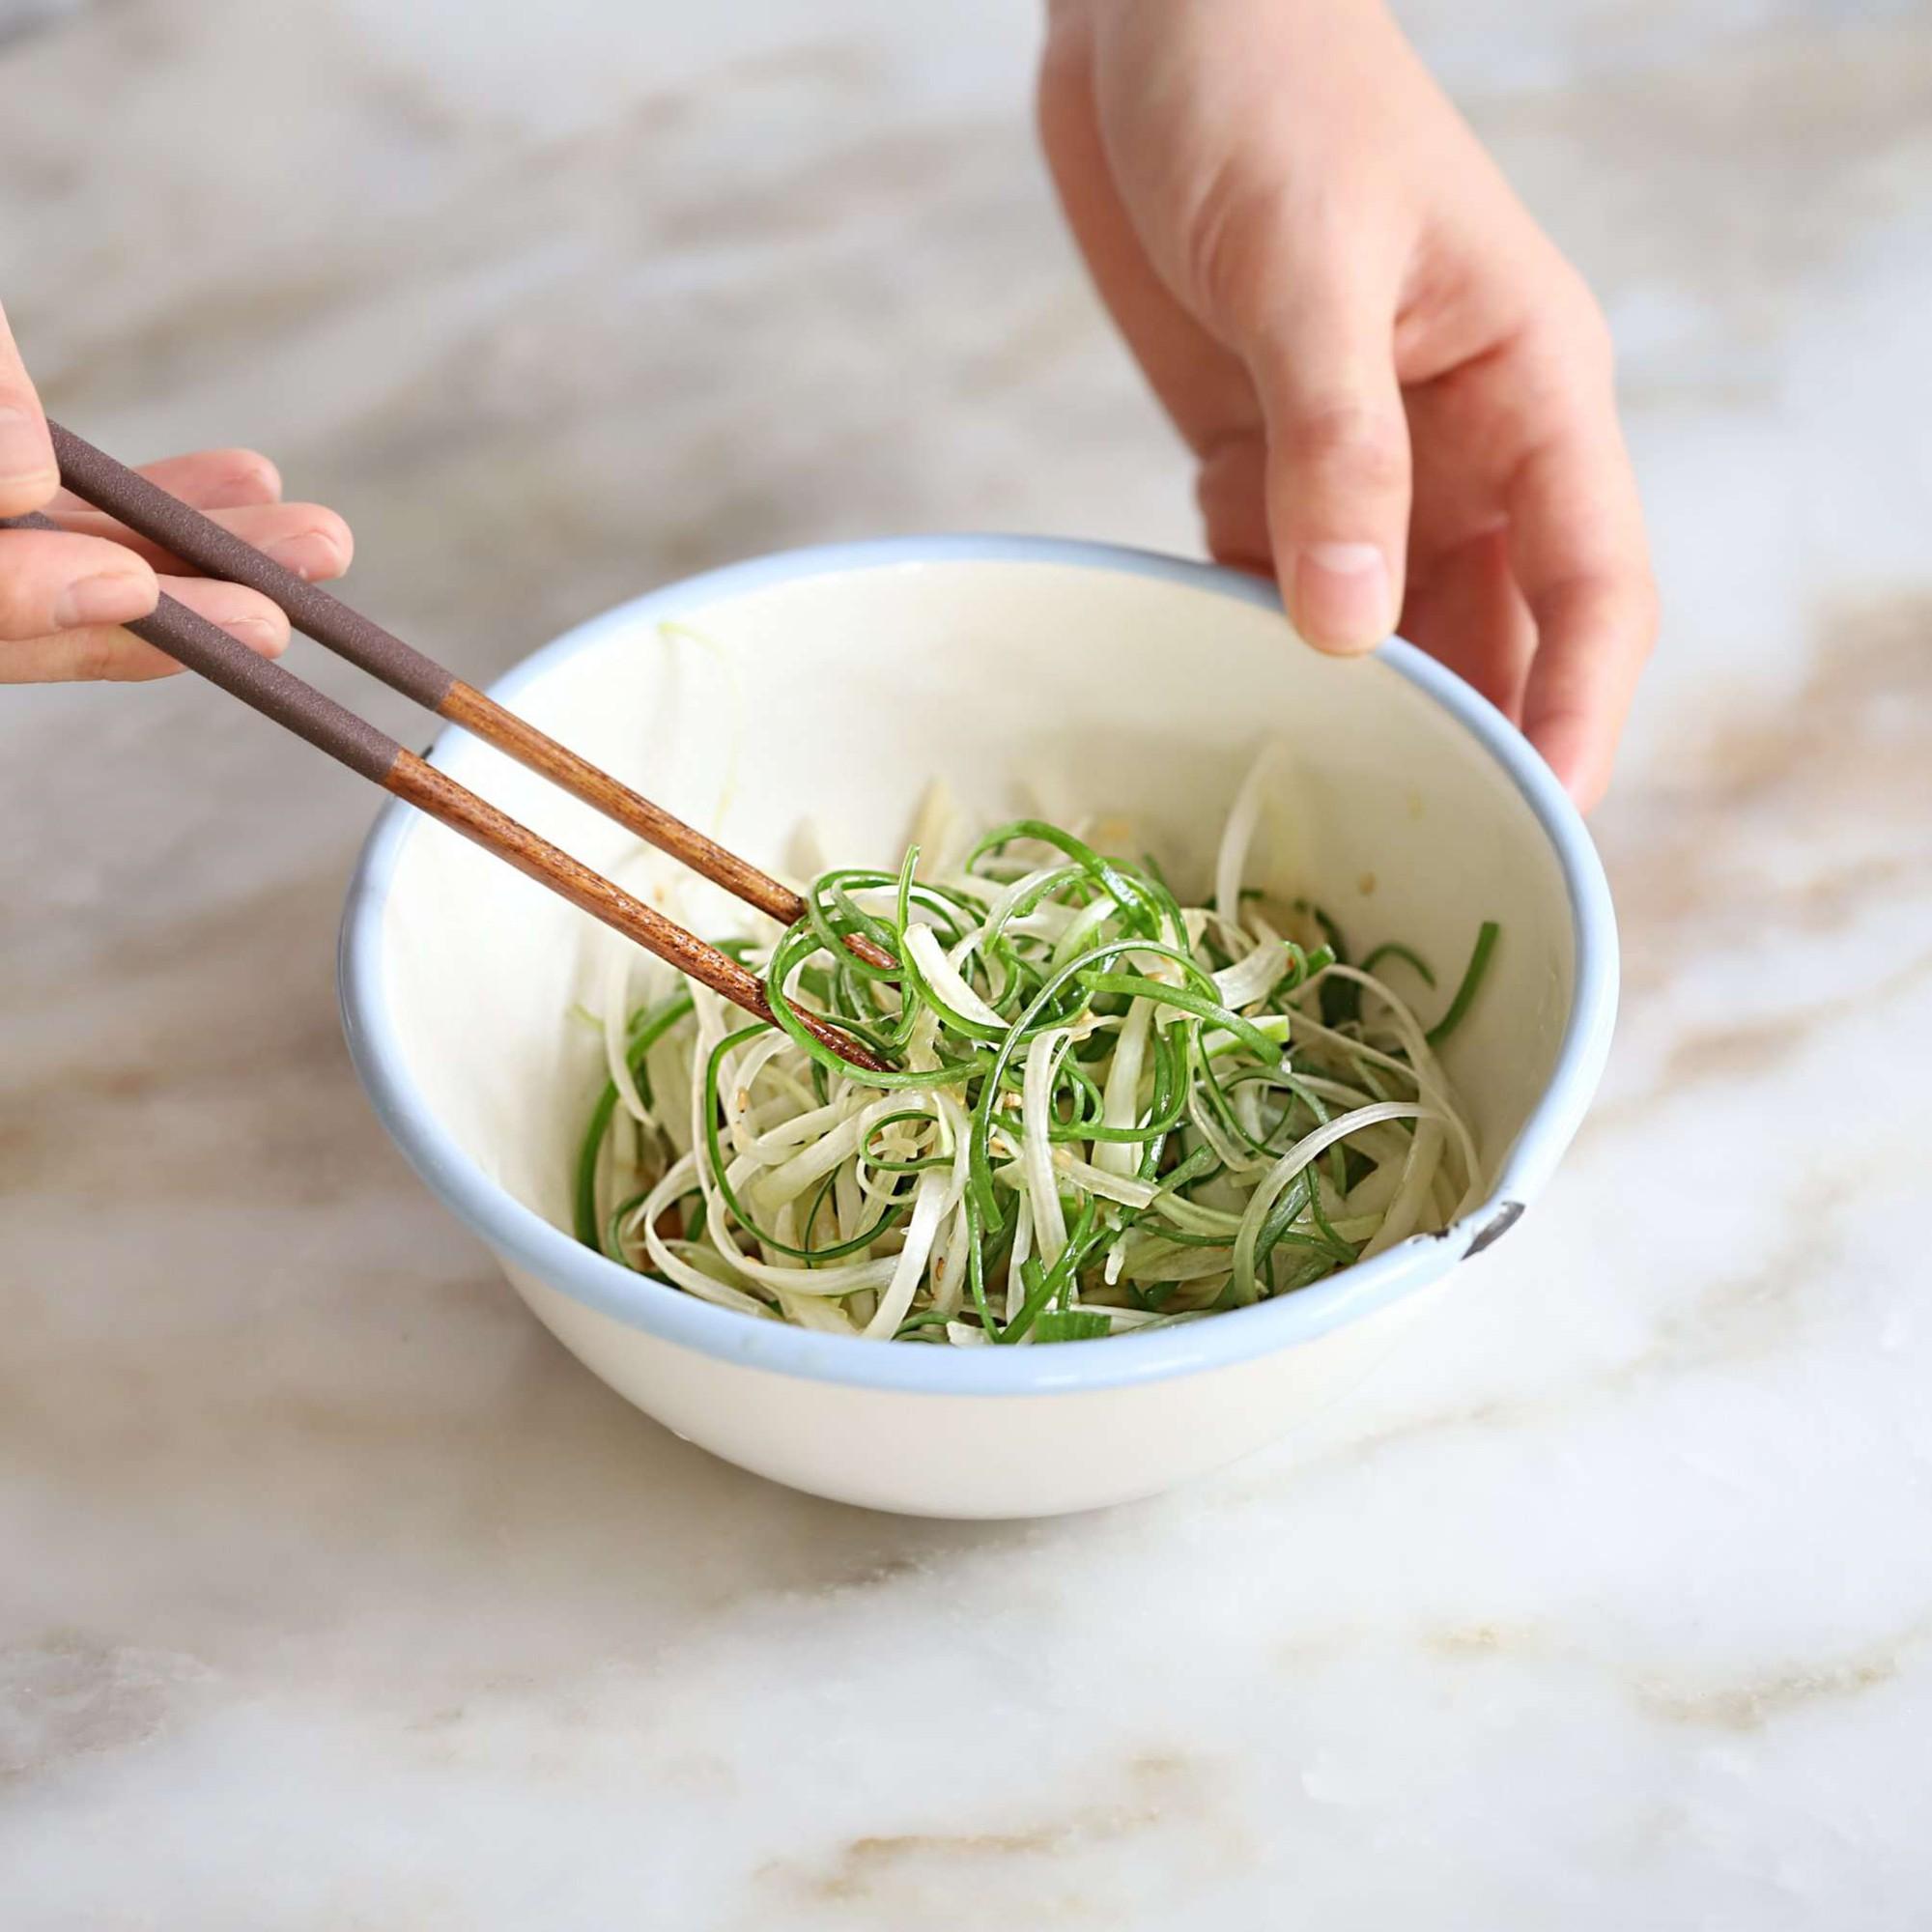 Học người Hàn cách làm món thịt áp chảo ngon ngất ngây ăn mùa lạnh hợp vô cùng-6